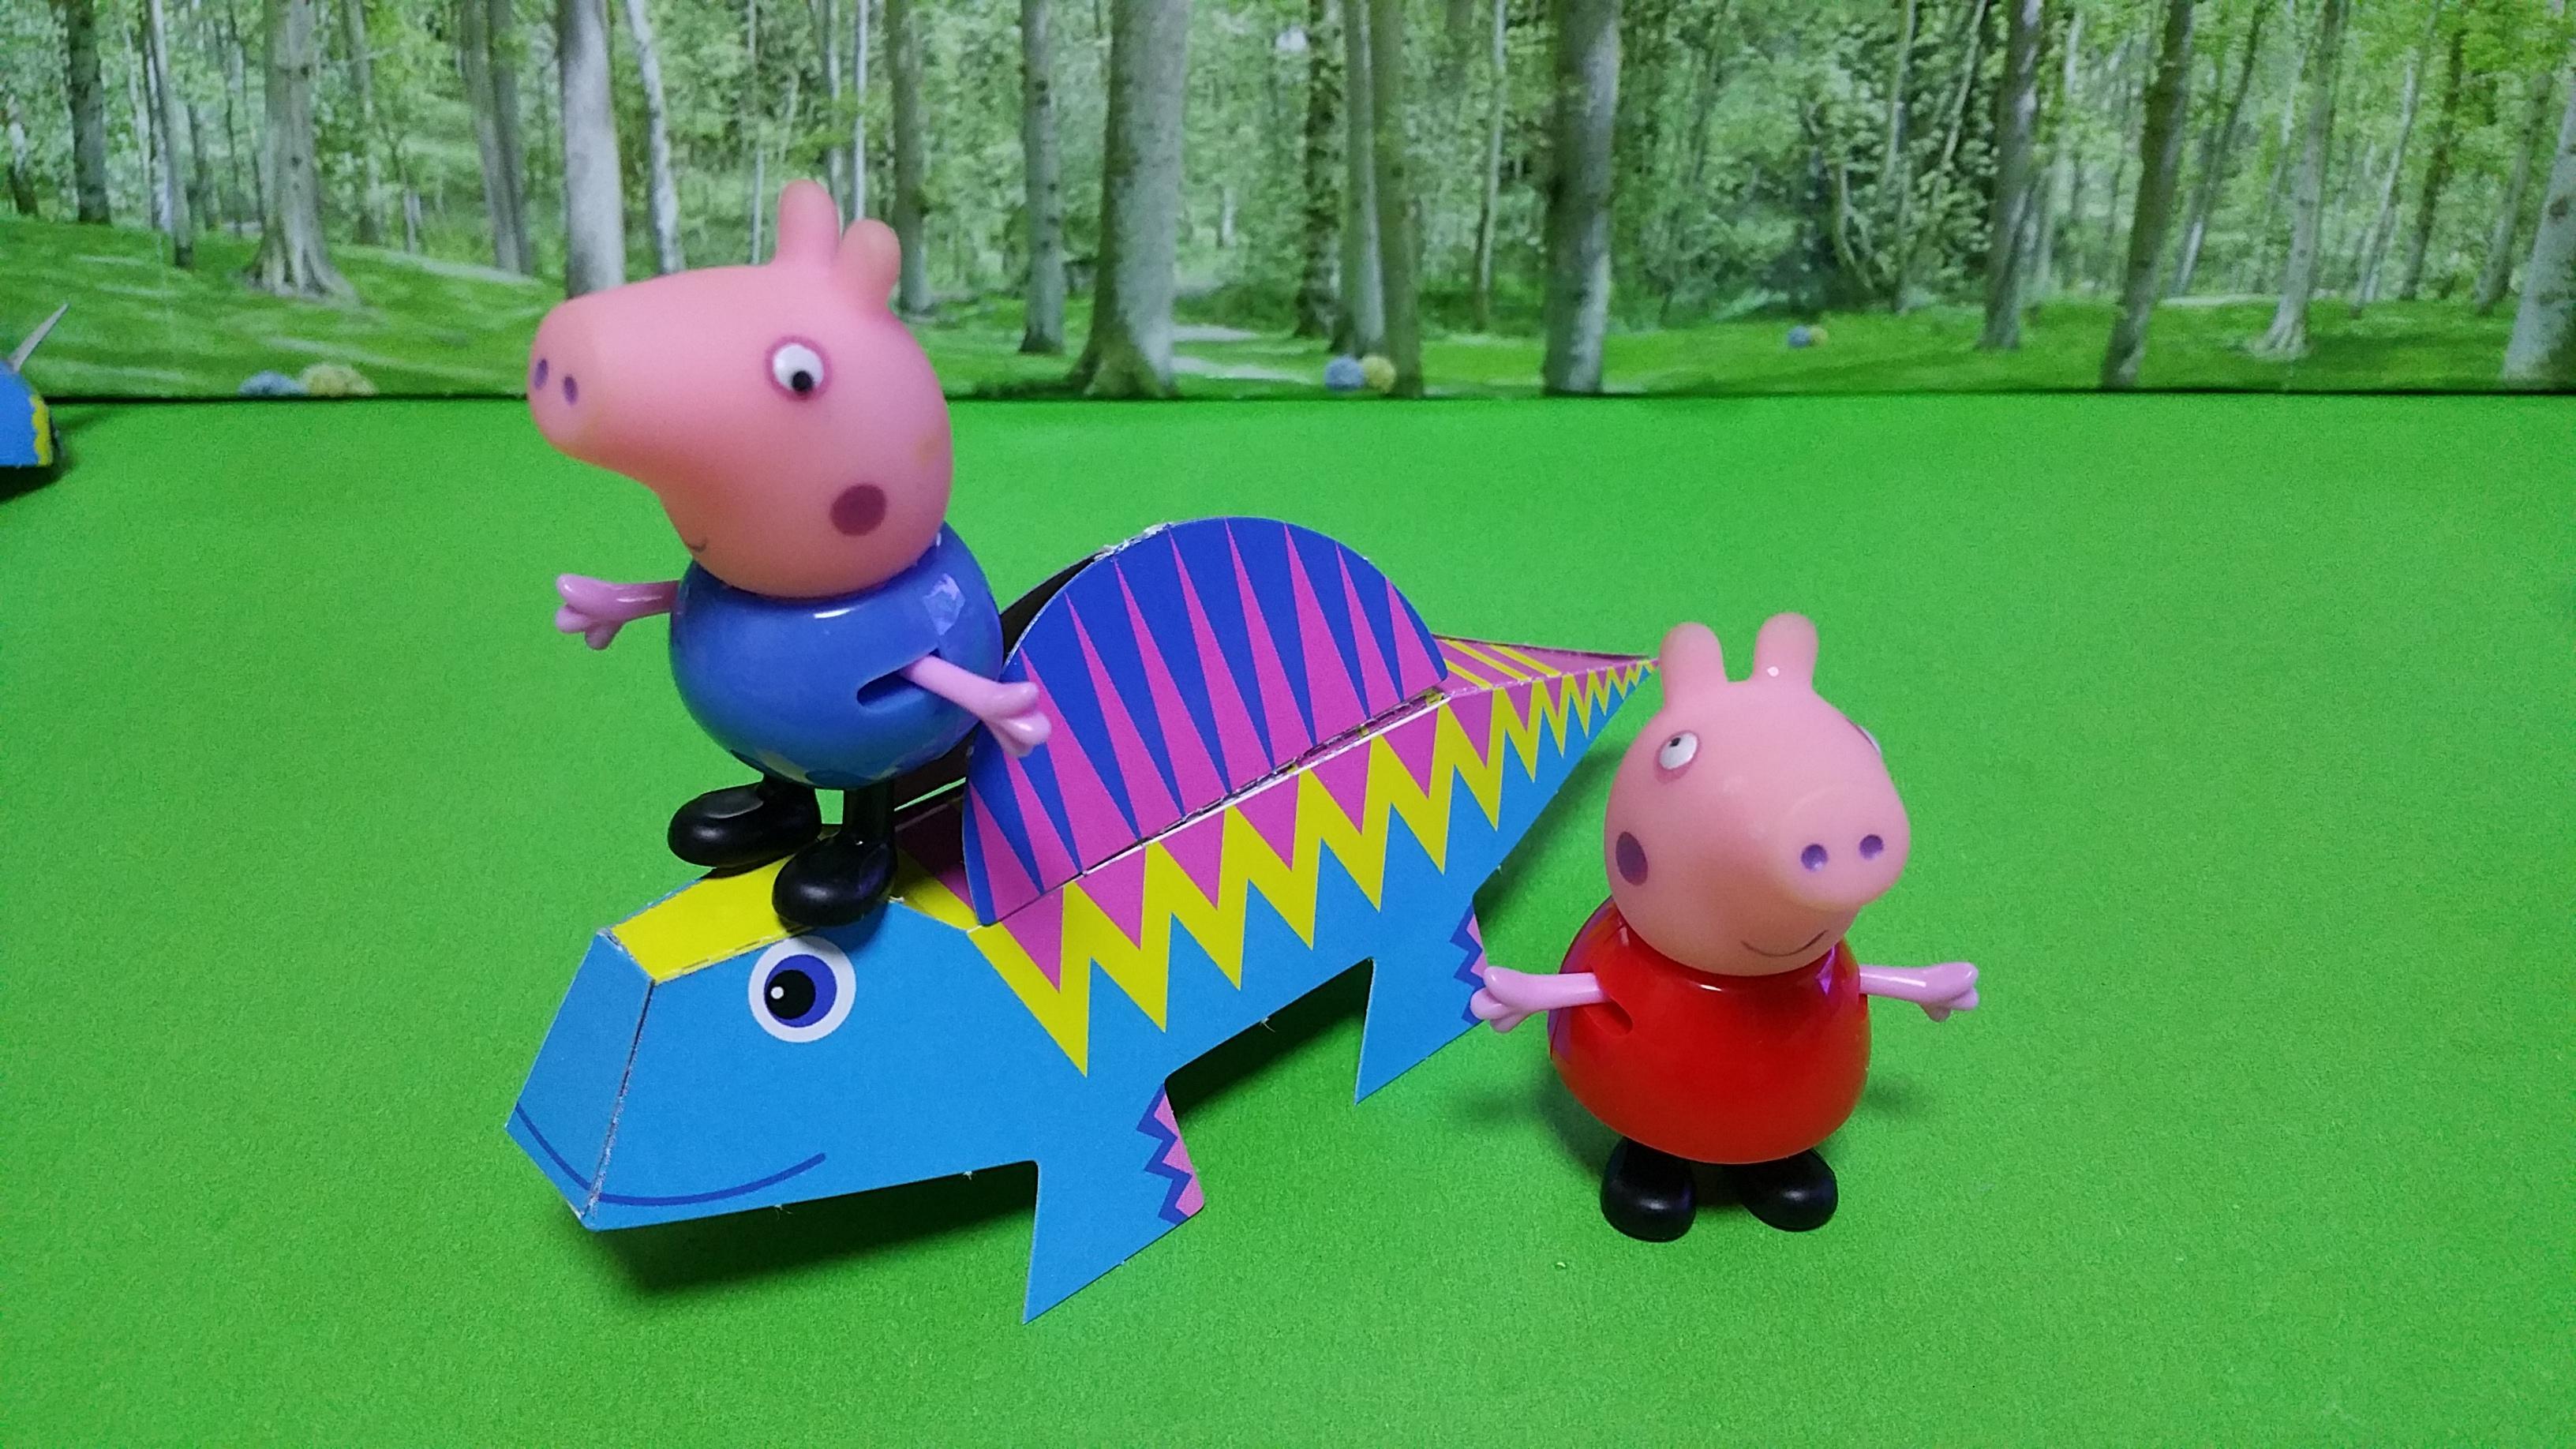 粉红猪小妹小猪佩奇手工制作恐龙世界棘背龙